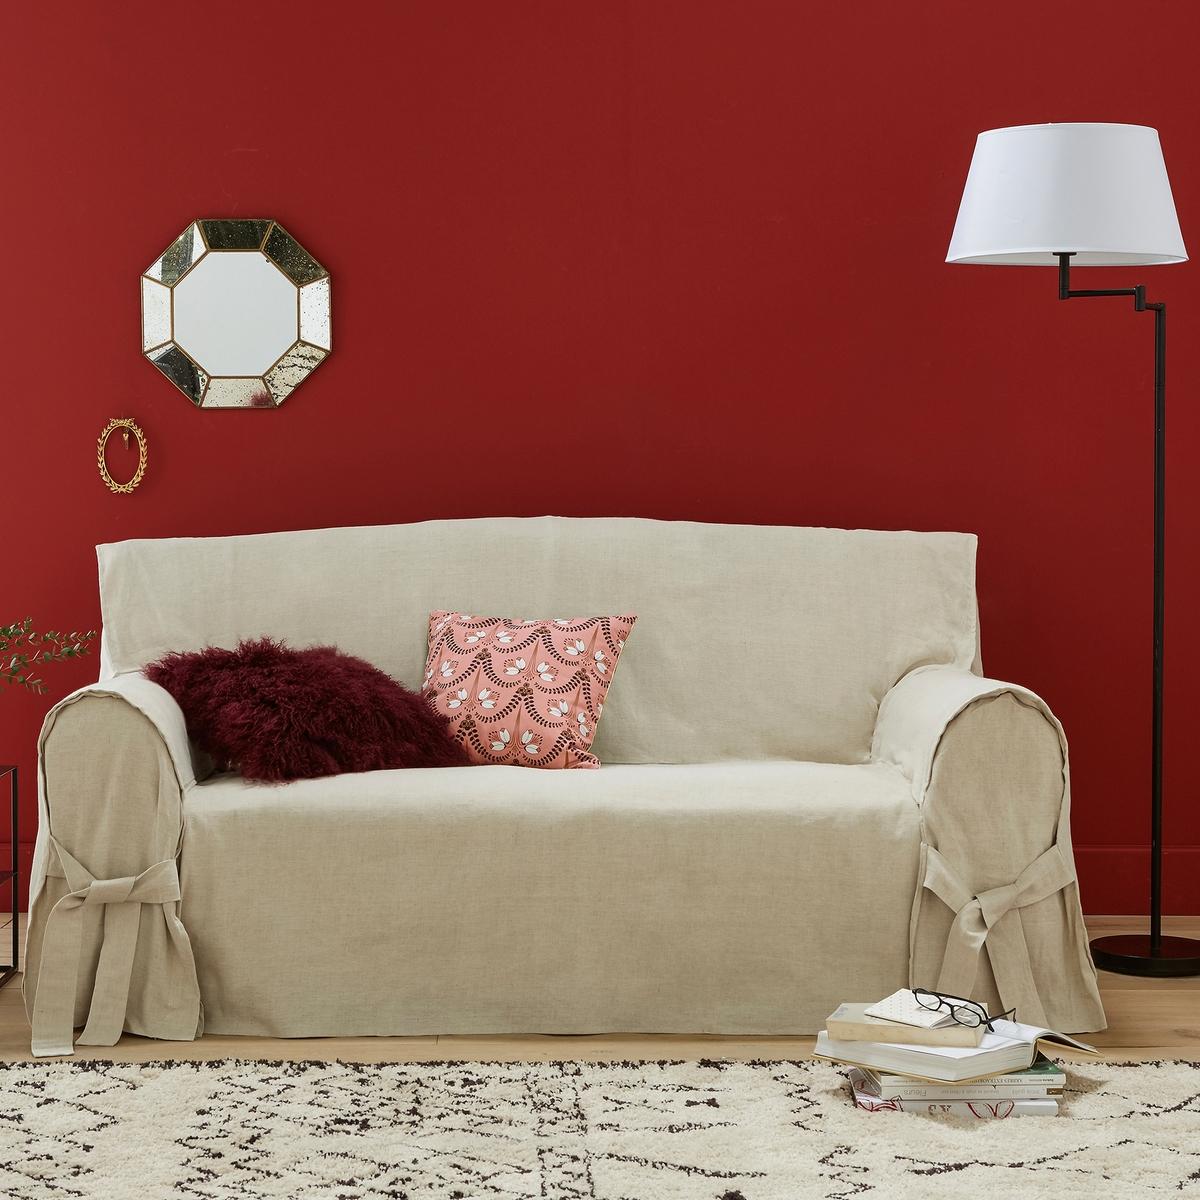 Чехол для диванаКачество VALEUR SURE. Плотная смесовая ткань исключительного качества,  55% льна, 45% хлопка. Общие размеры: общая высота 102 см, глубина сиденья 60 см. Стирка при 40°. Превосходная стойкость цвета к солнечным лучам. 2-местный диван: максимальная ширина 142 см, 2-3-местный диван: максимальная ширина 180 см. 3-местный диван: максимальная ширина 206 см.<br><br>Цвет: антрацит,белый,серо-коричневый каштан,серый,экрю<br>Размер: 2 места.2/3 мест.3 местн..2/3 мест.3 местн..2 места.2/3 мест.2 места.3 местн..3 местн..2 места